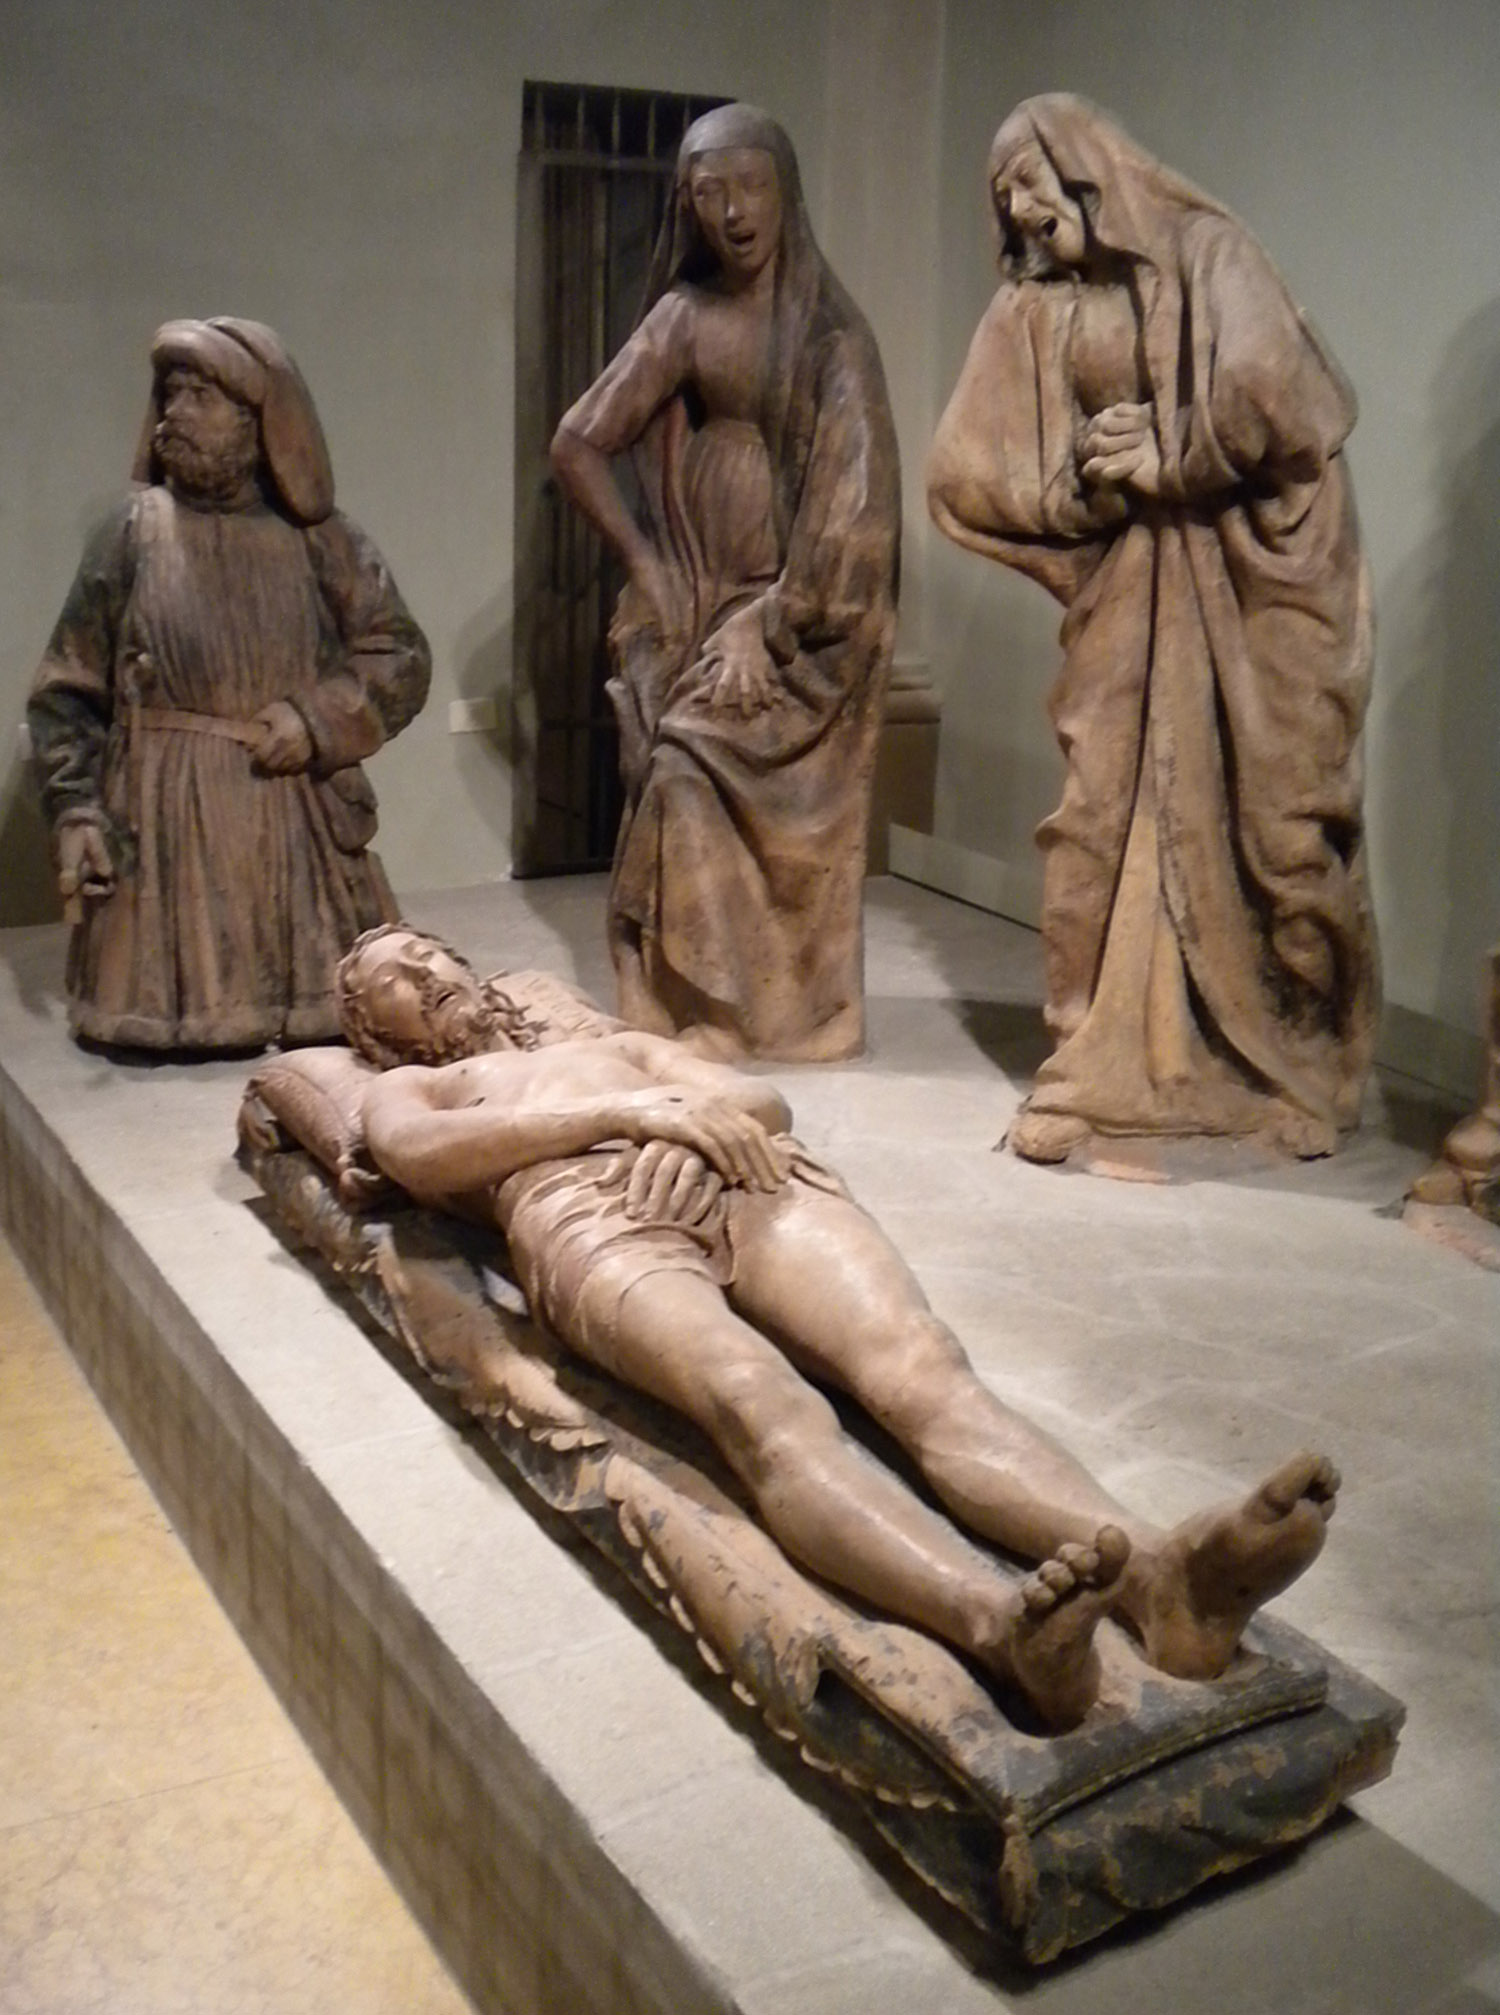 https://upload.wikimedia.org/wikipedia/commons/7/7a/Compianto_sul_Cristo_morto%2C_Niccol%C3%B2_dell%27Arca%2C_Bologna.jpg